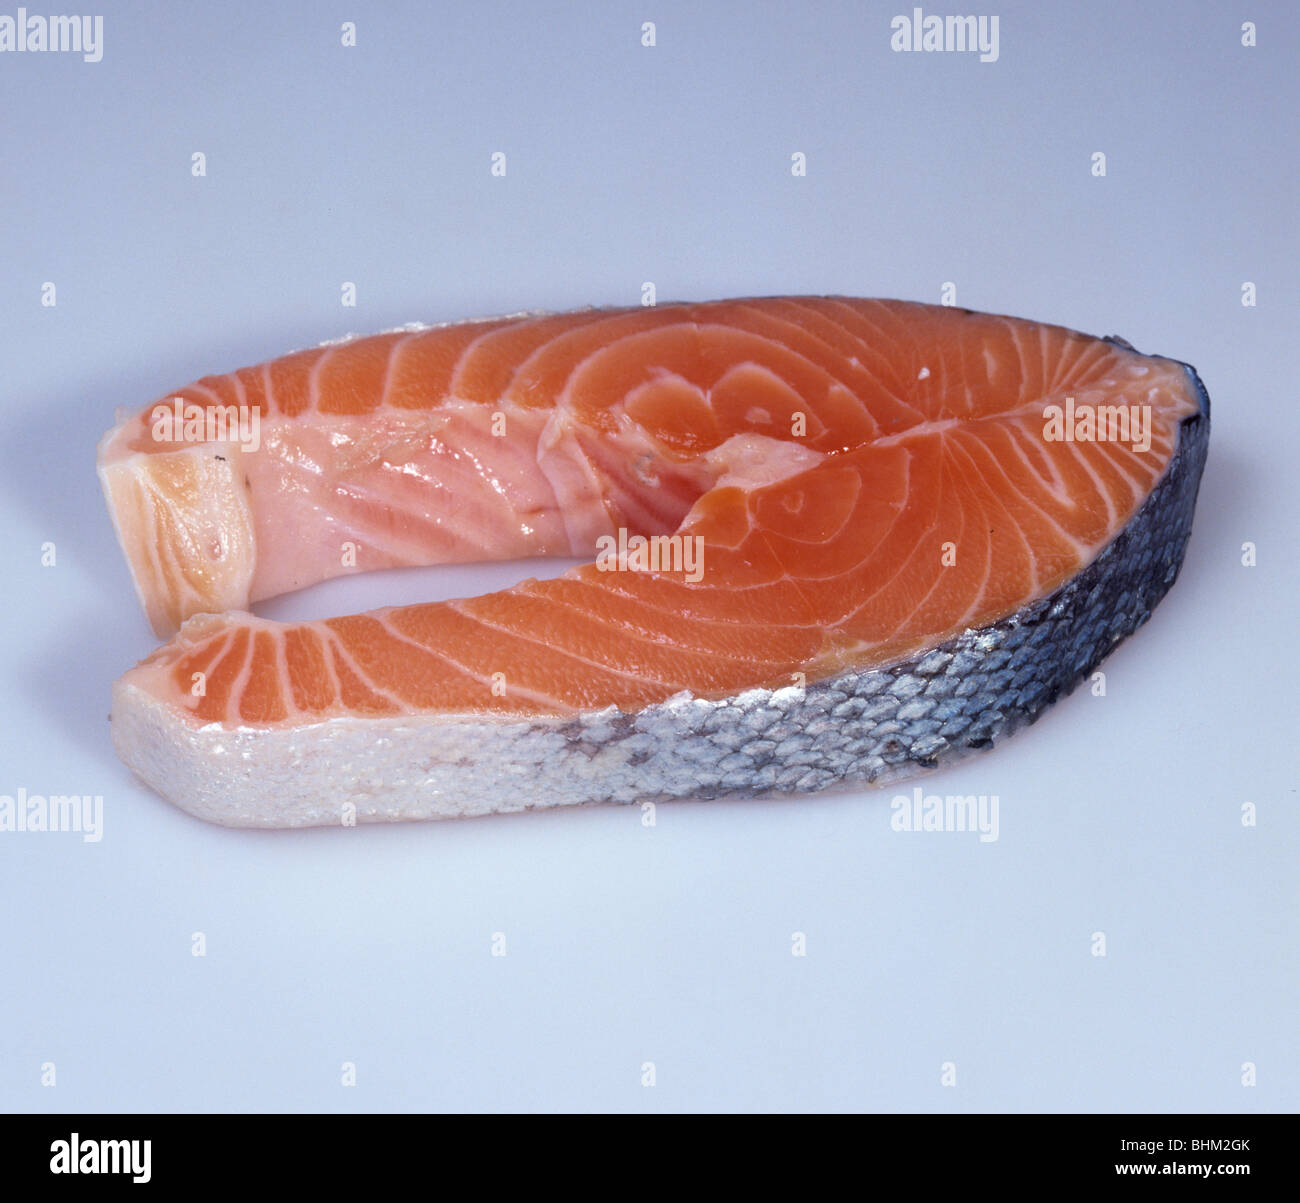 Un filete de salmón ahumado, pescados grasos y una fuente de vitamina D y sodio Imagen De Stock